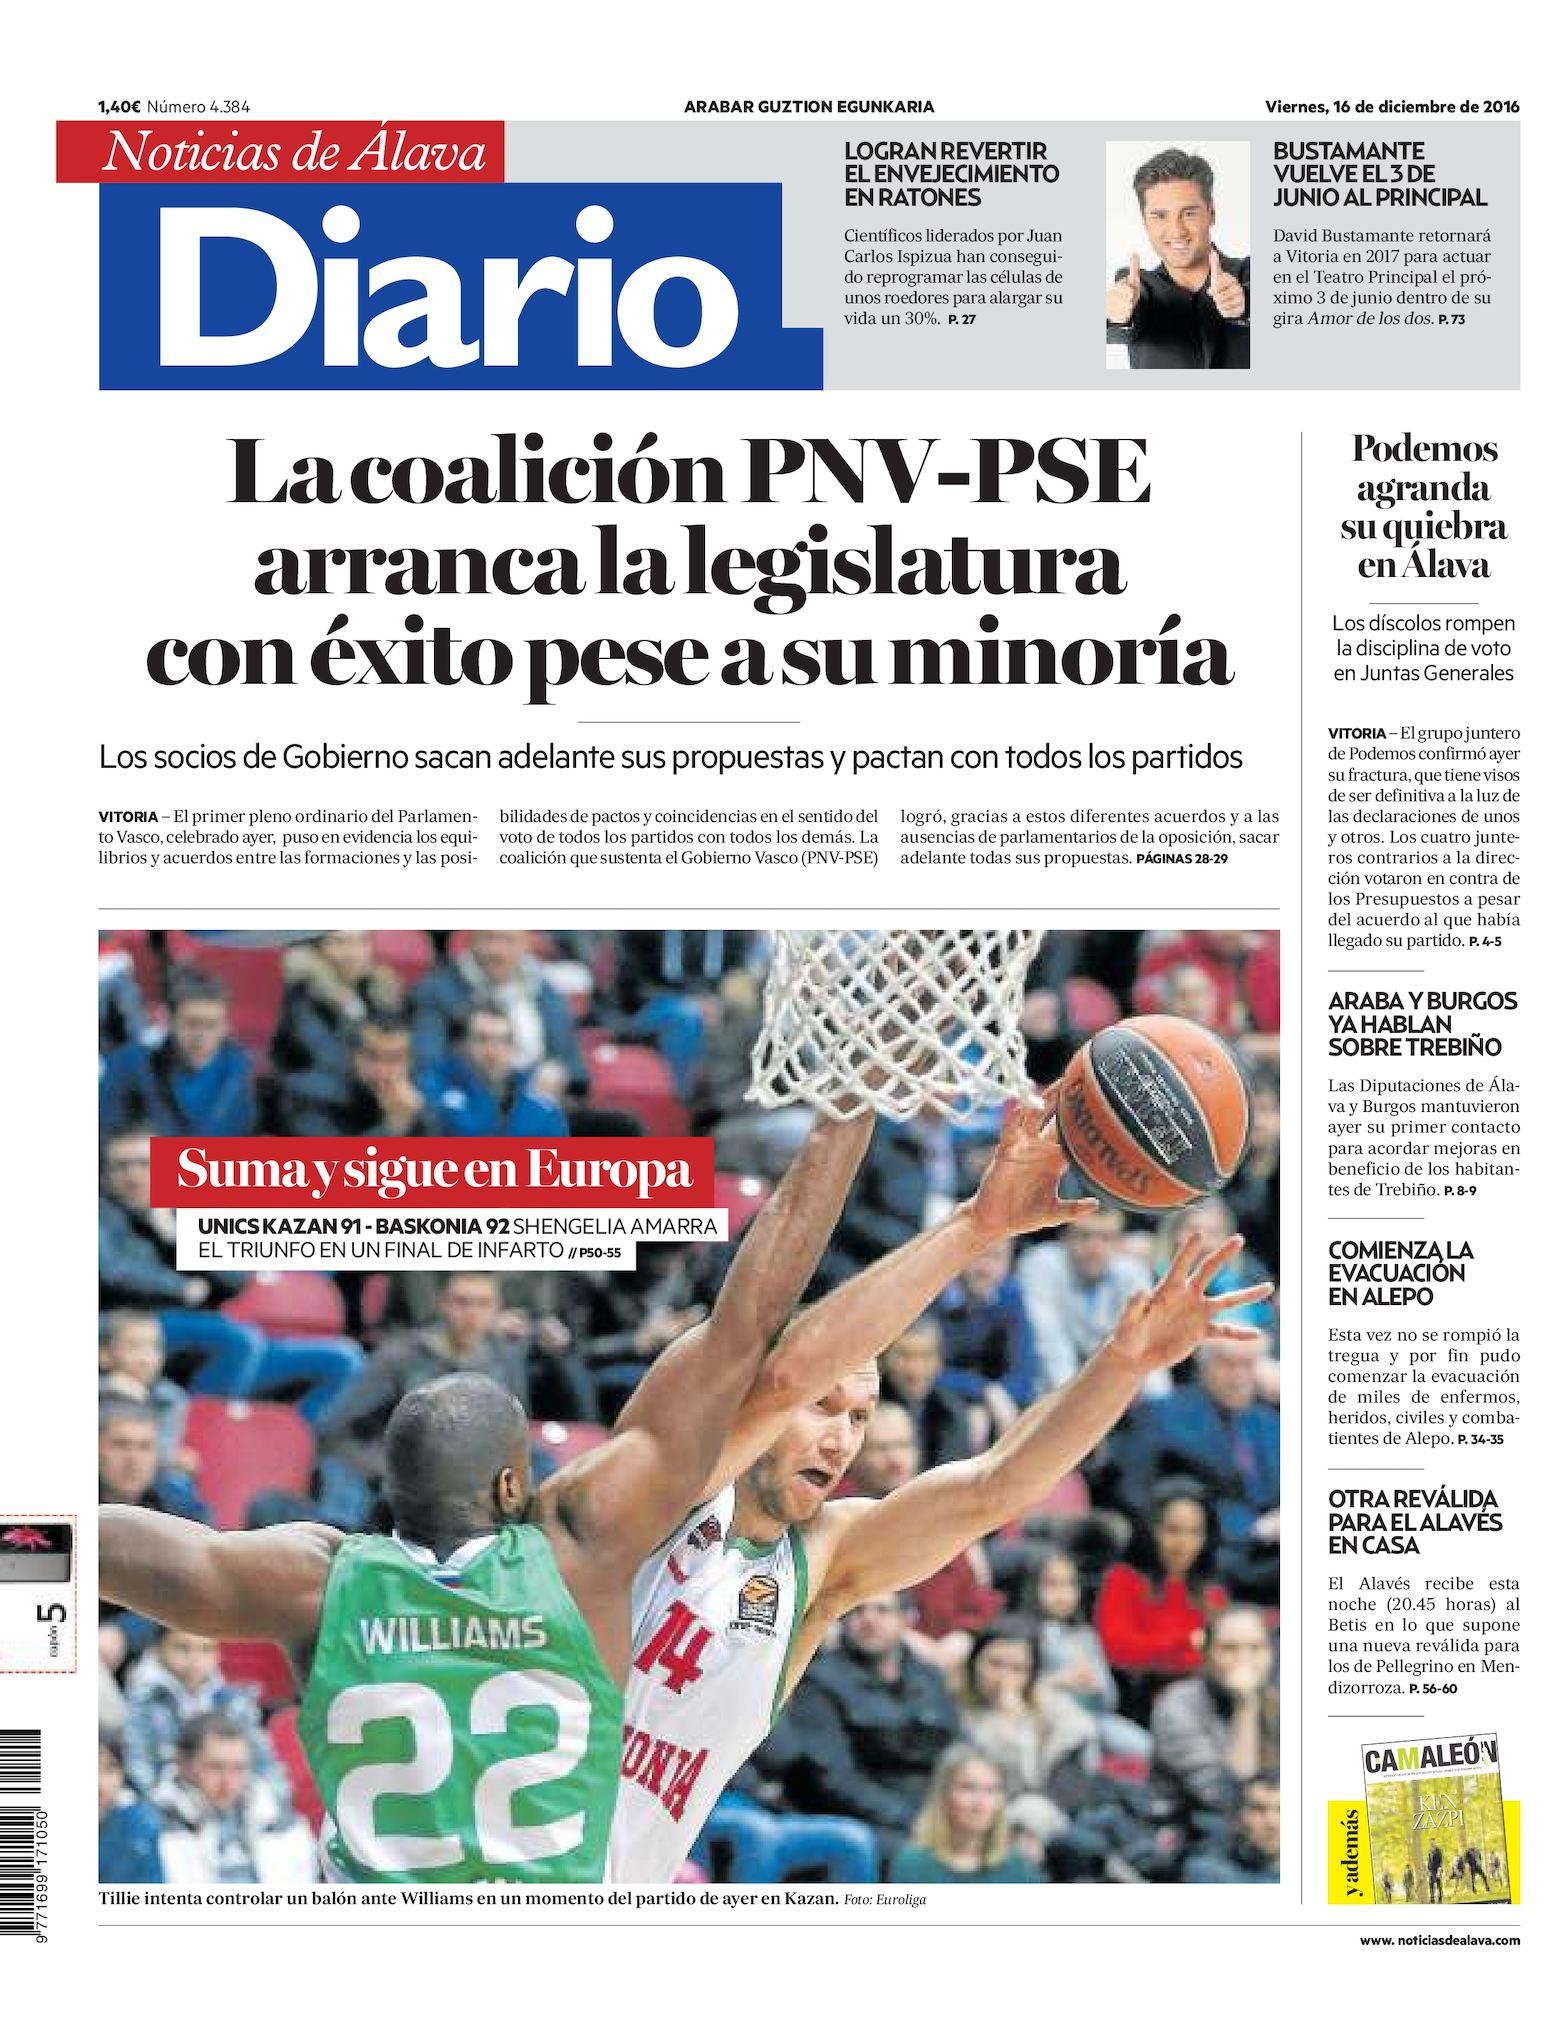 f526b804e39 Calaméo - Diario de Noticias de Álava 20161216